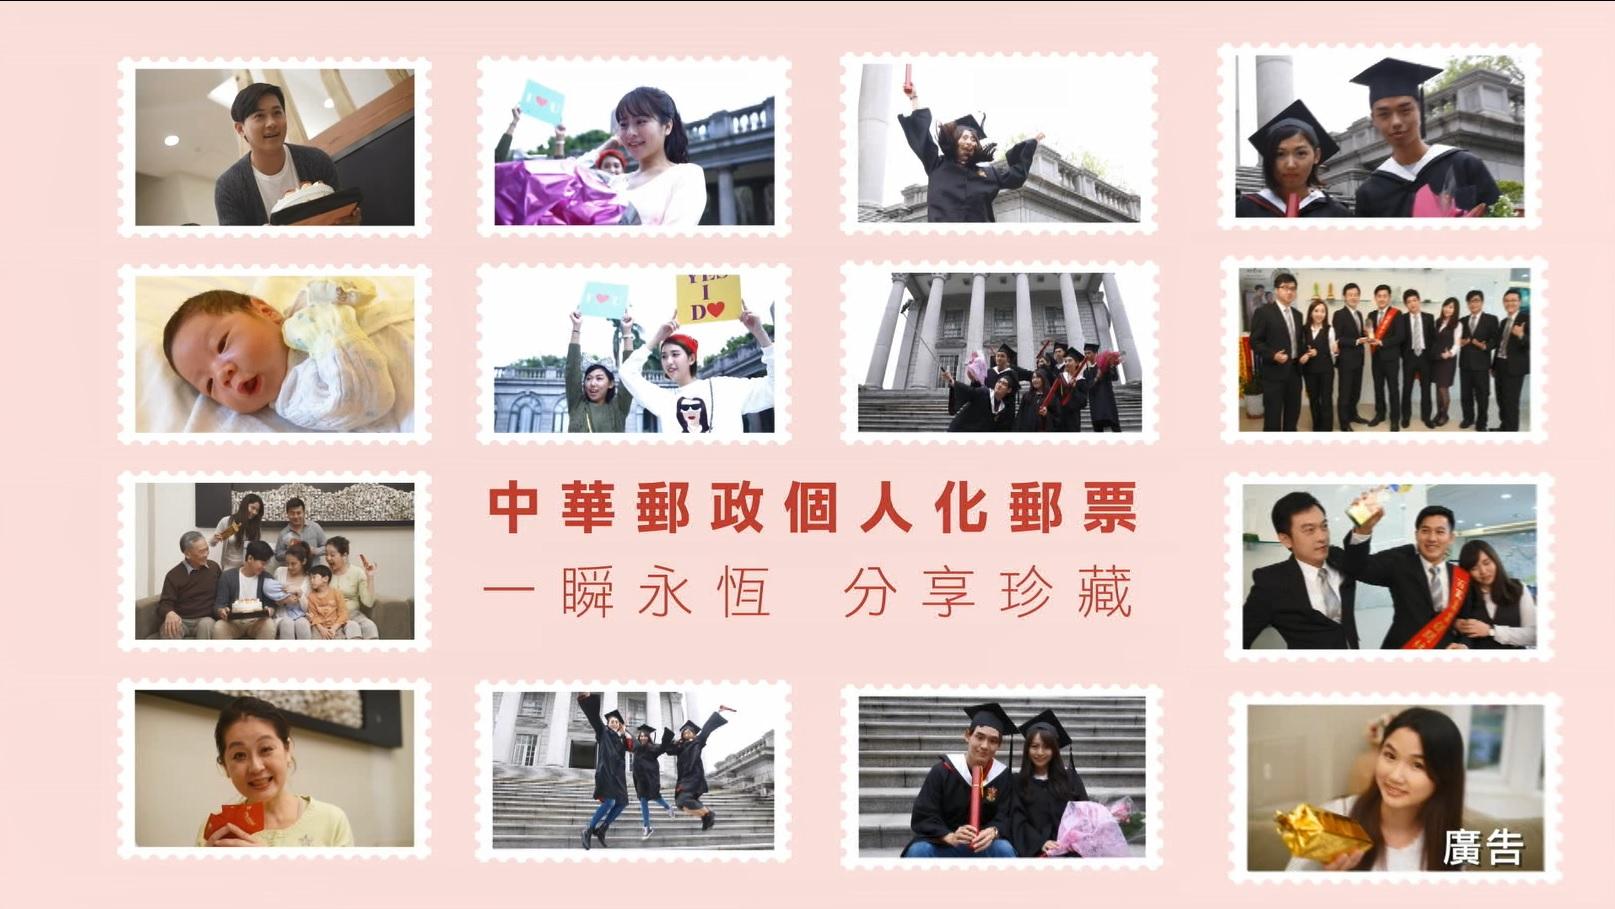 中華郵政個人化郵票電視宣傳影片